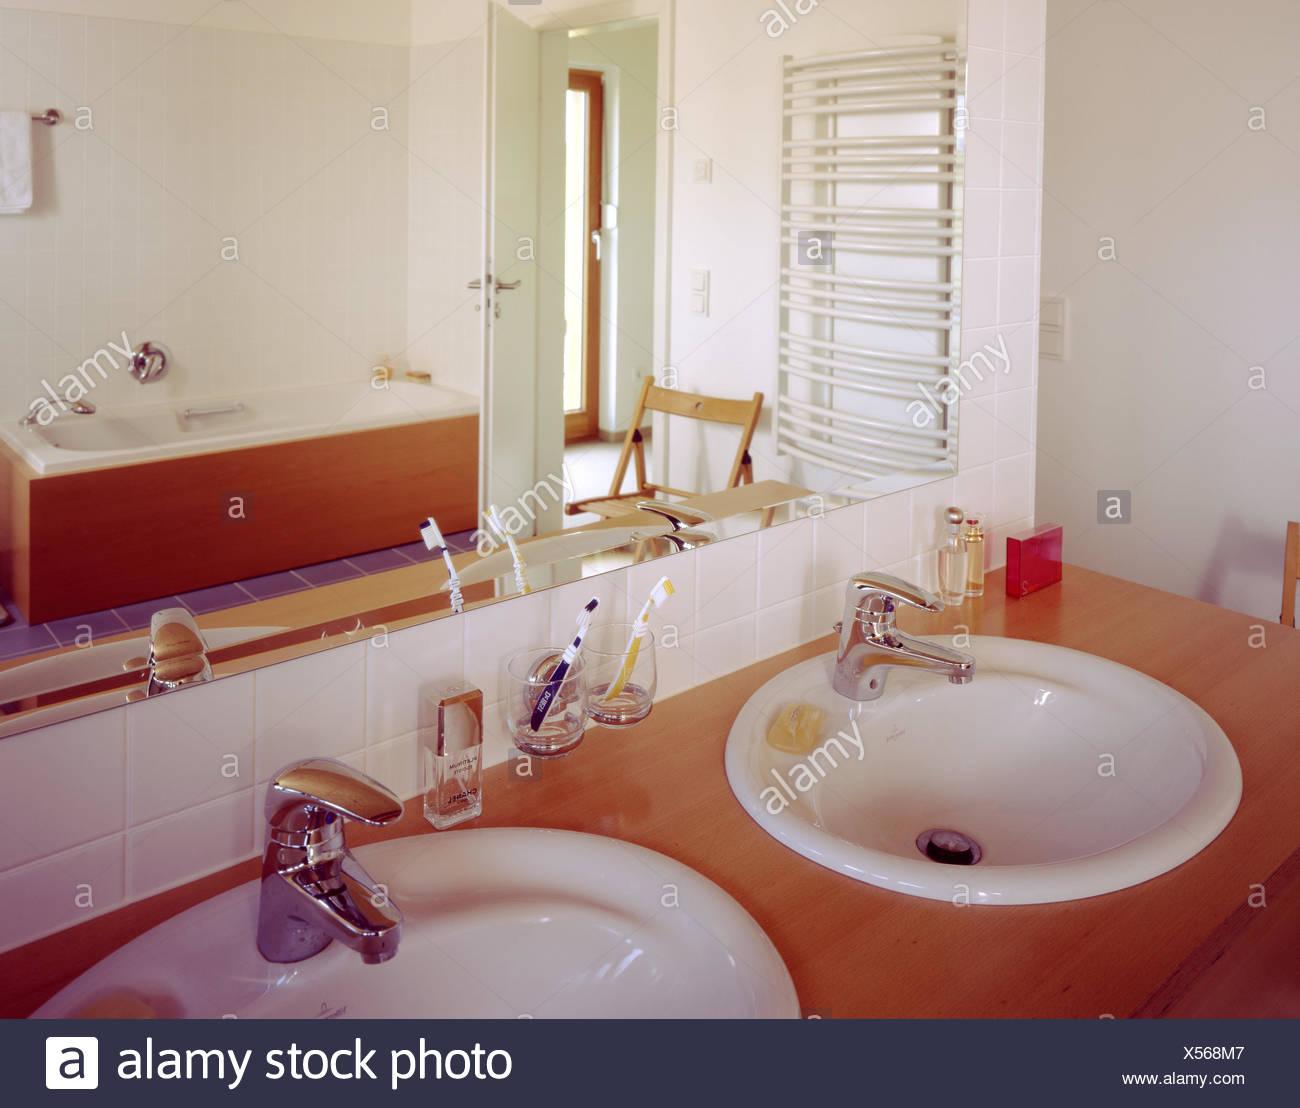 Cuarto de baño, lavabos, detalle, baño, diseño residencial ...